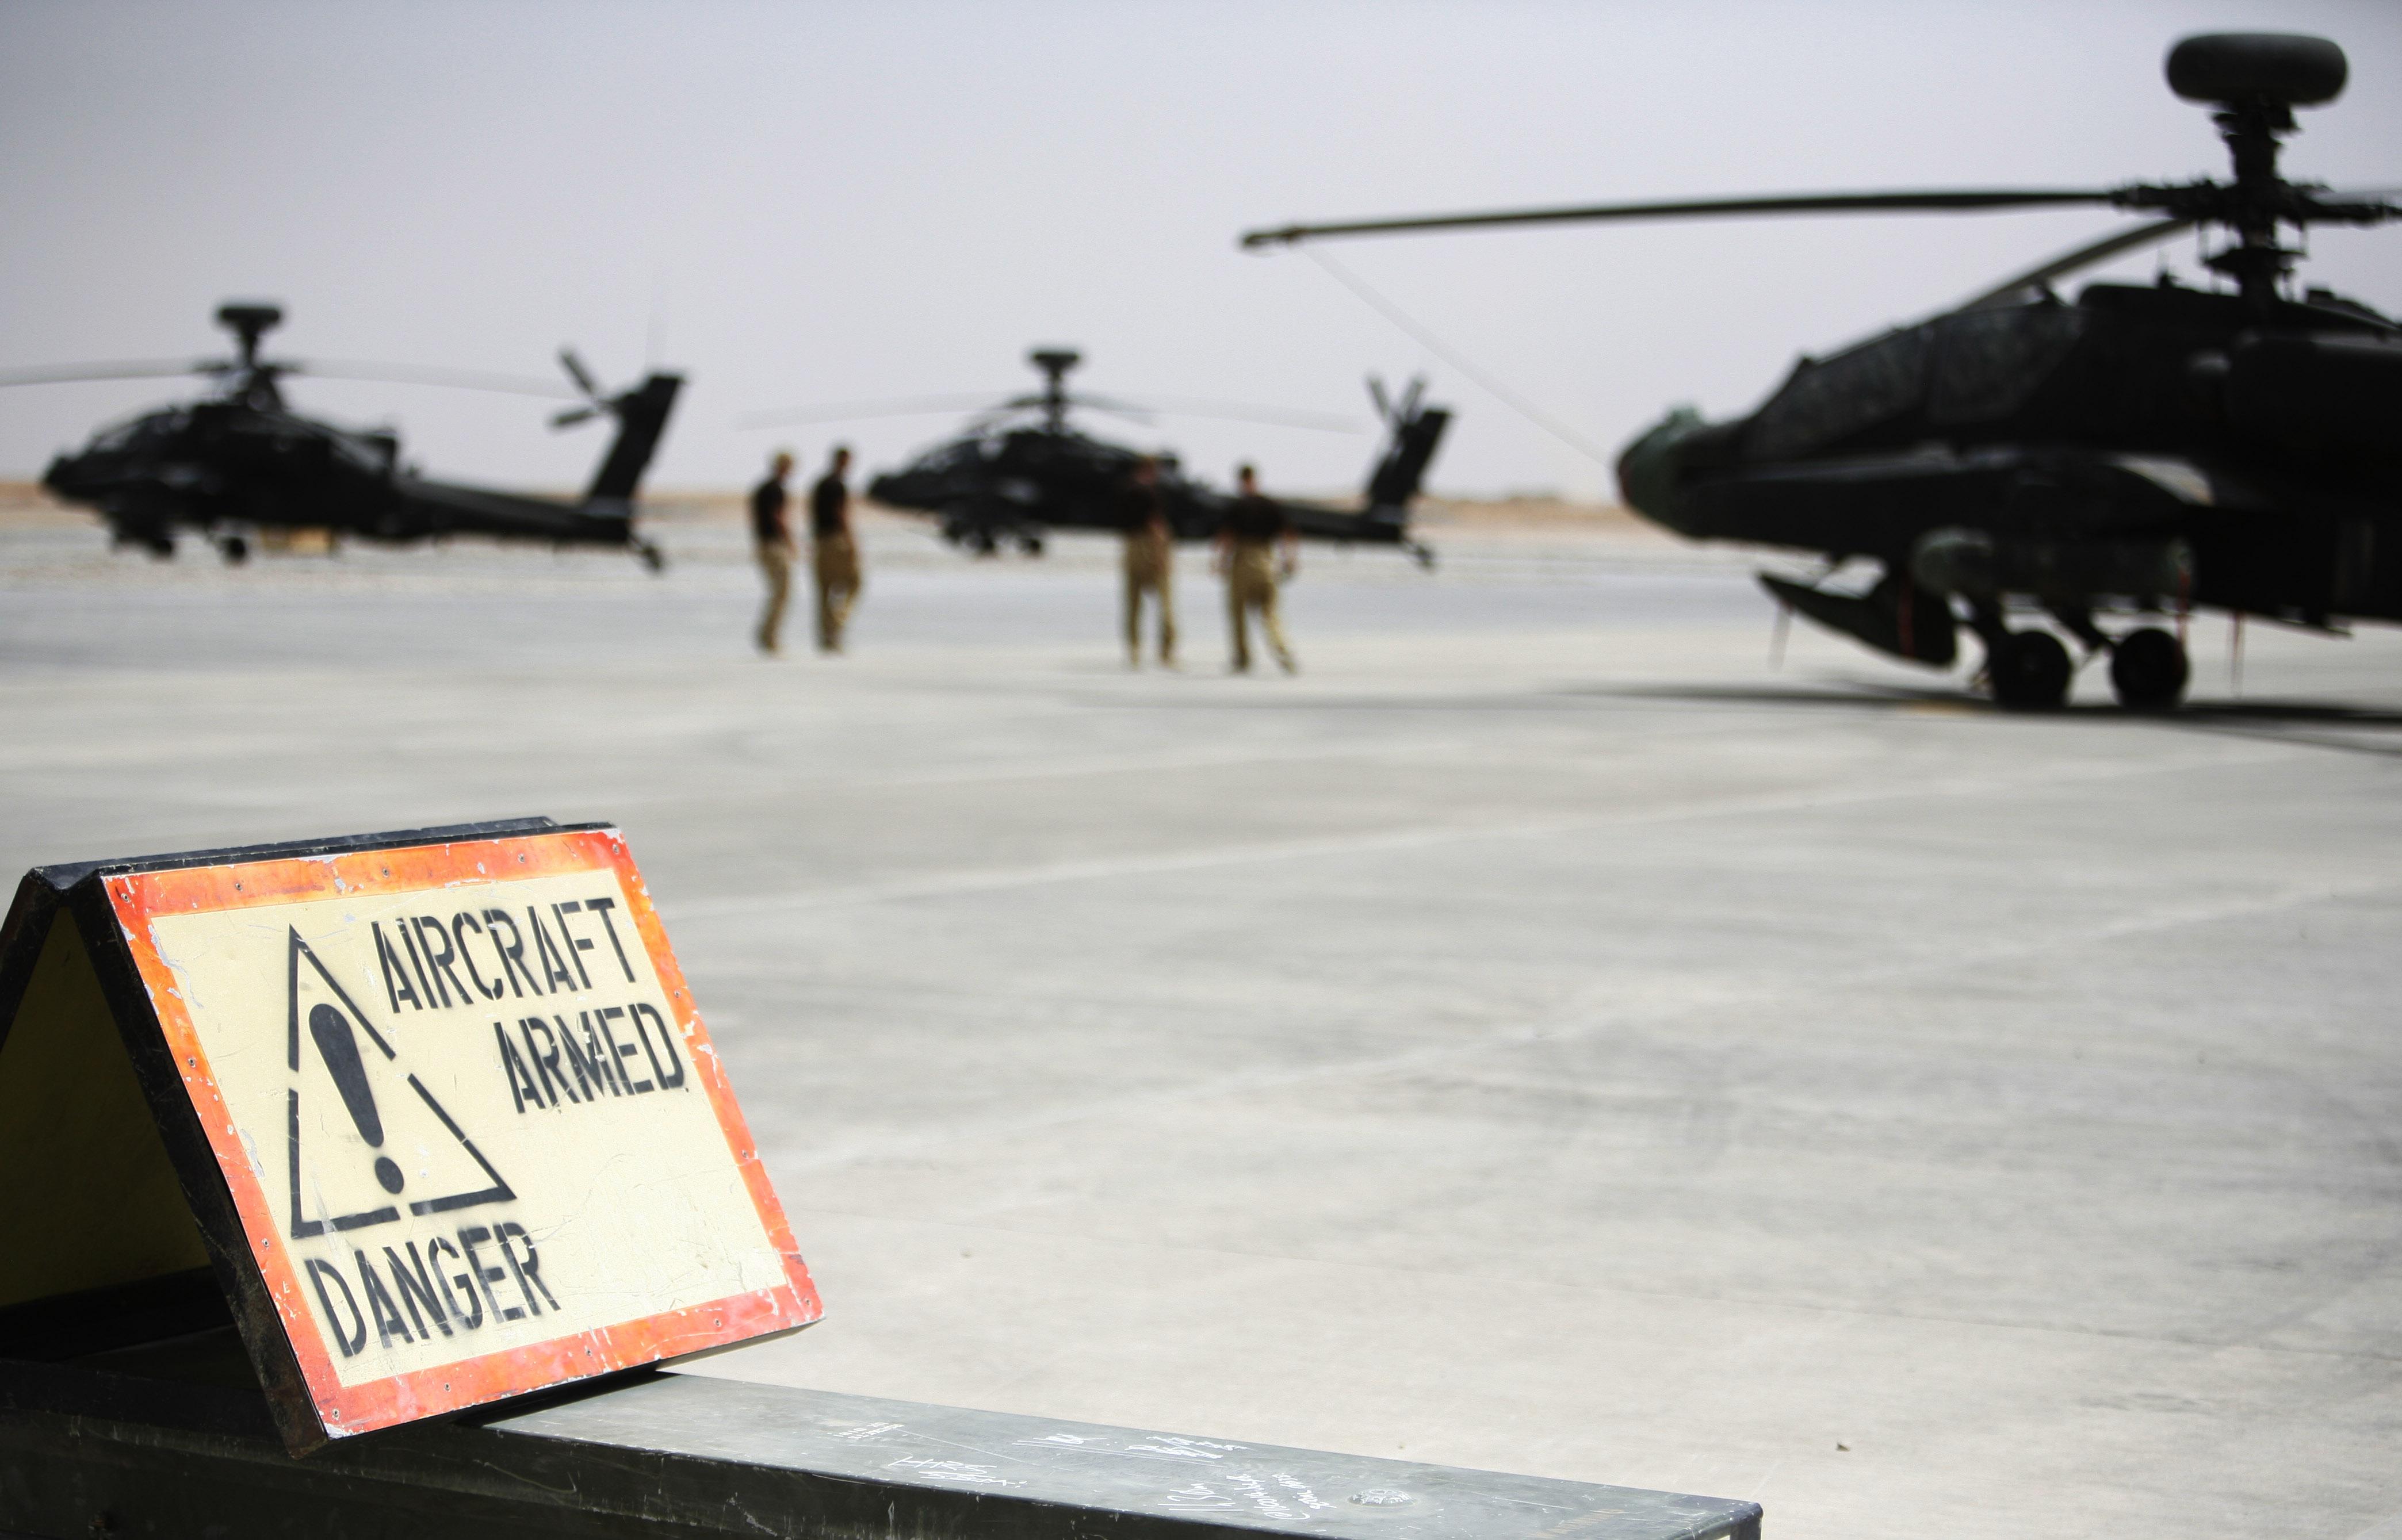 Les hélicoptères Apaches attendent de partir pour lâcher leurs bombes.